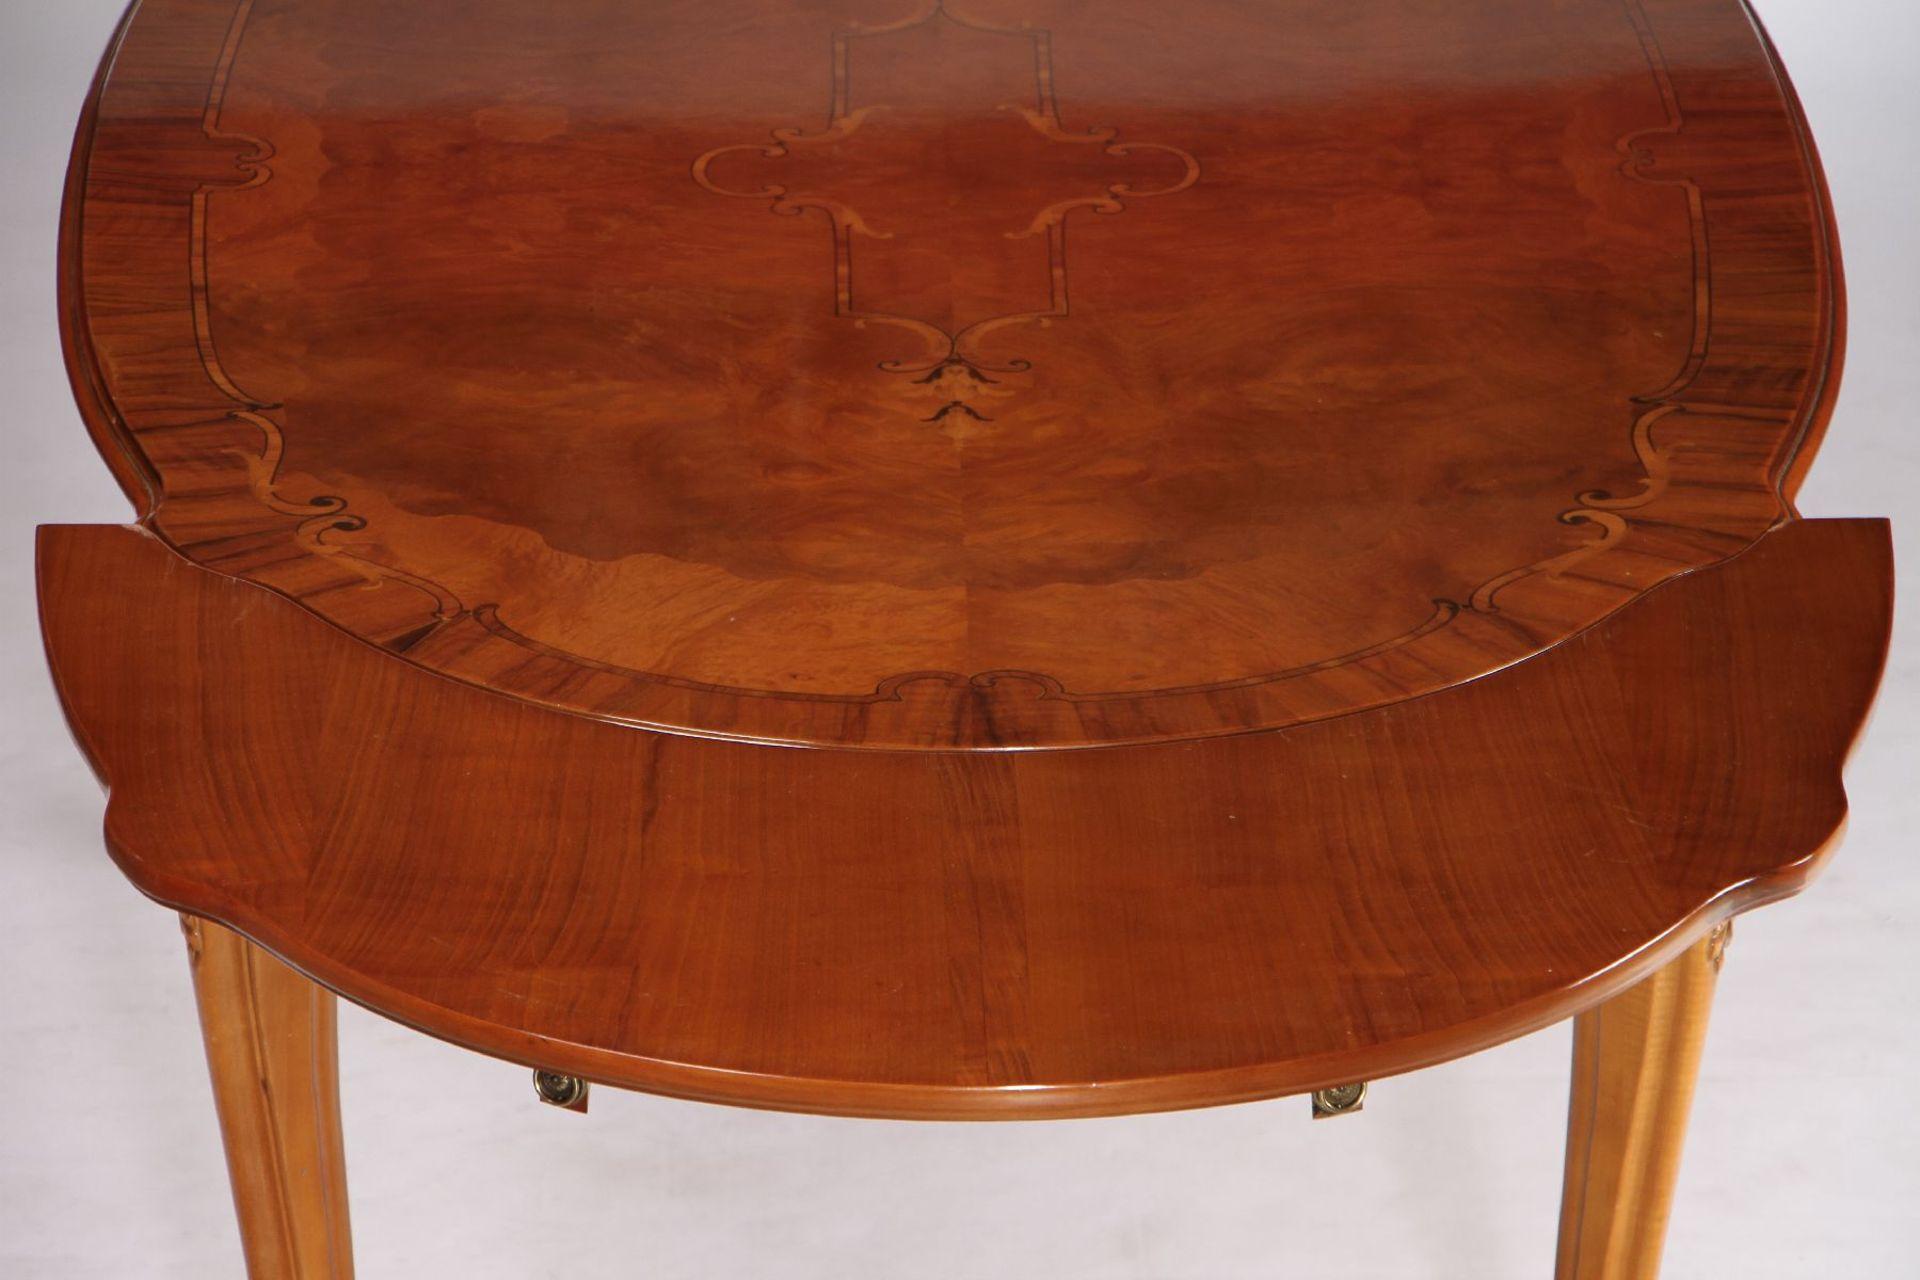 Ovaler Ausziehtisch mit 6 Stühlen, nach ital. Vorbild - Image 4 of 5